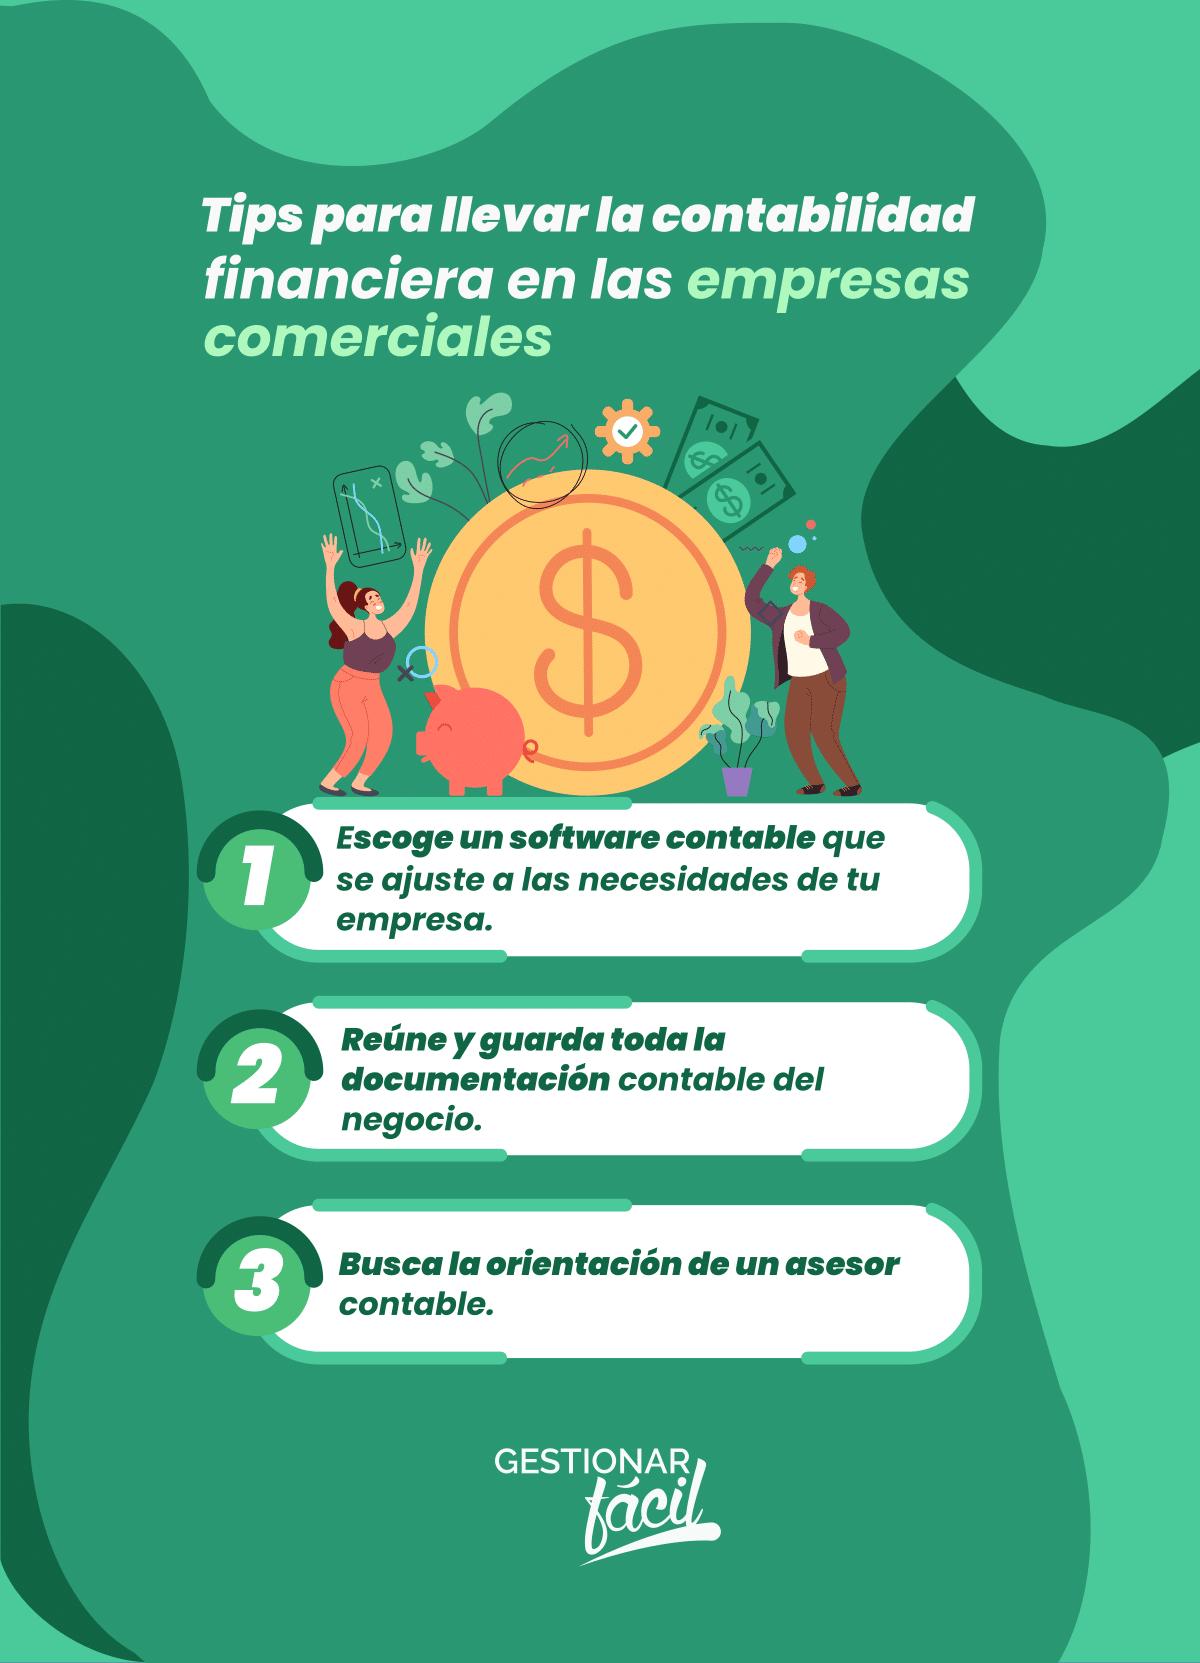 Tips para llevar la contabilidad financiera en las empresas comerciales.